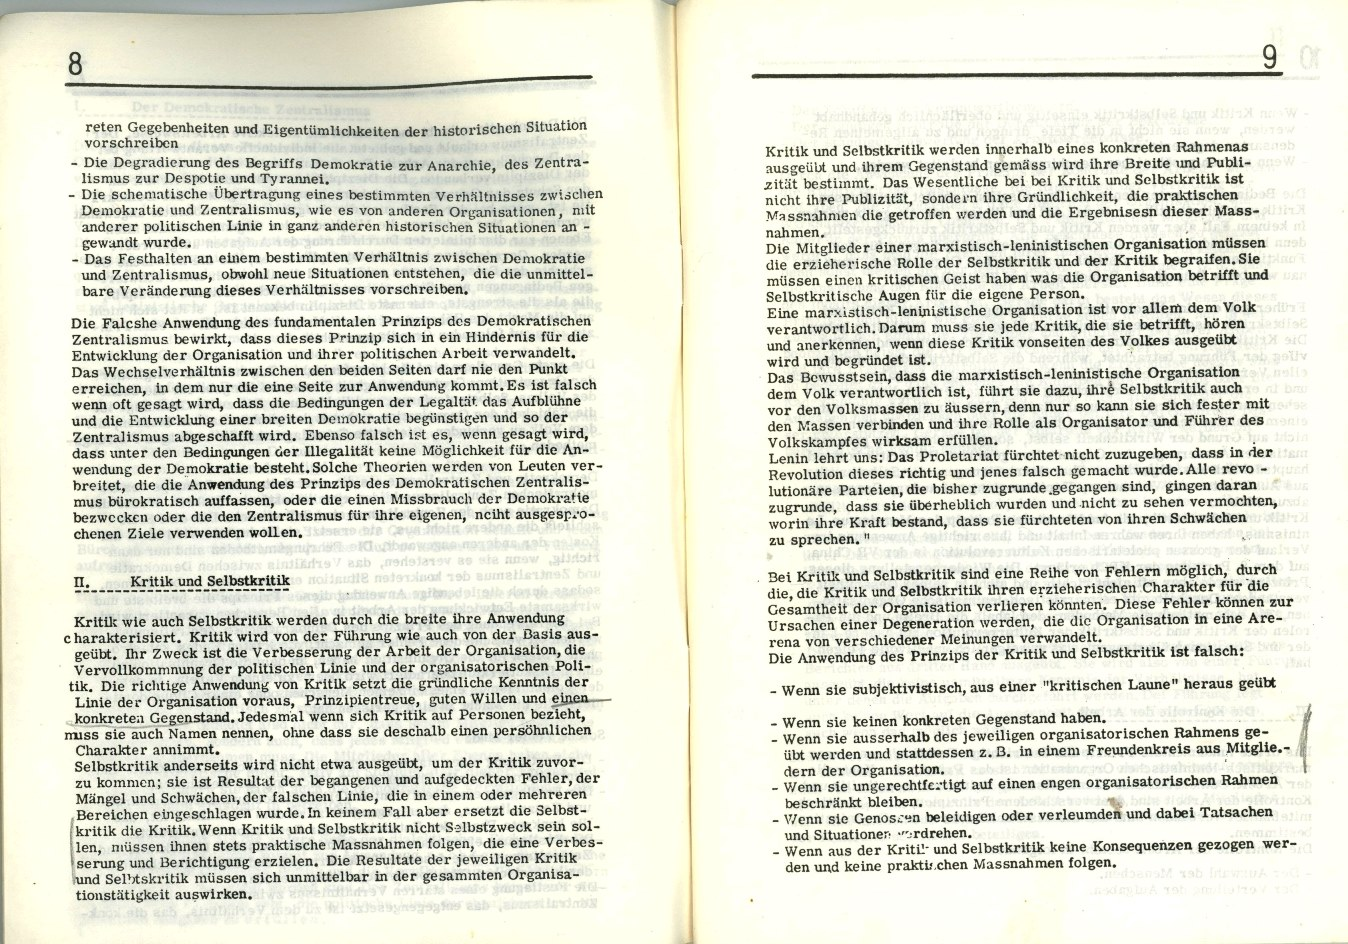 Griechenland_Griechische_ML_1971_Dokumente_01_05